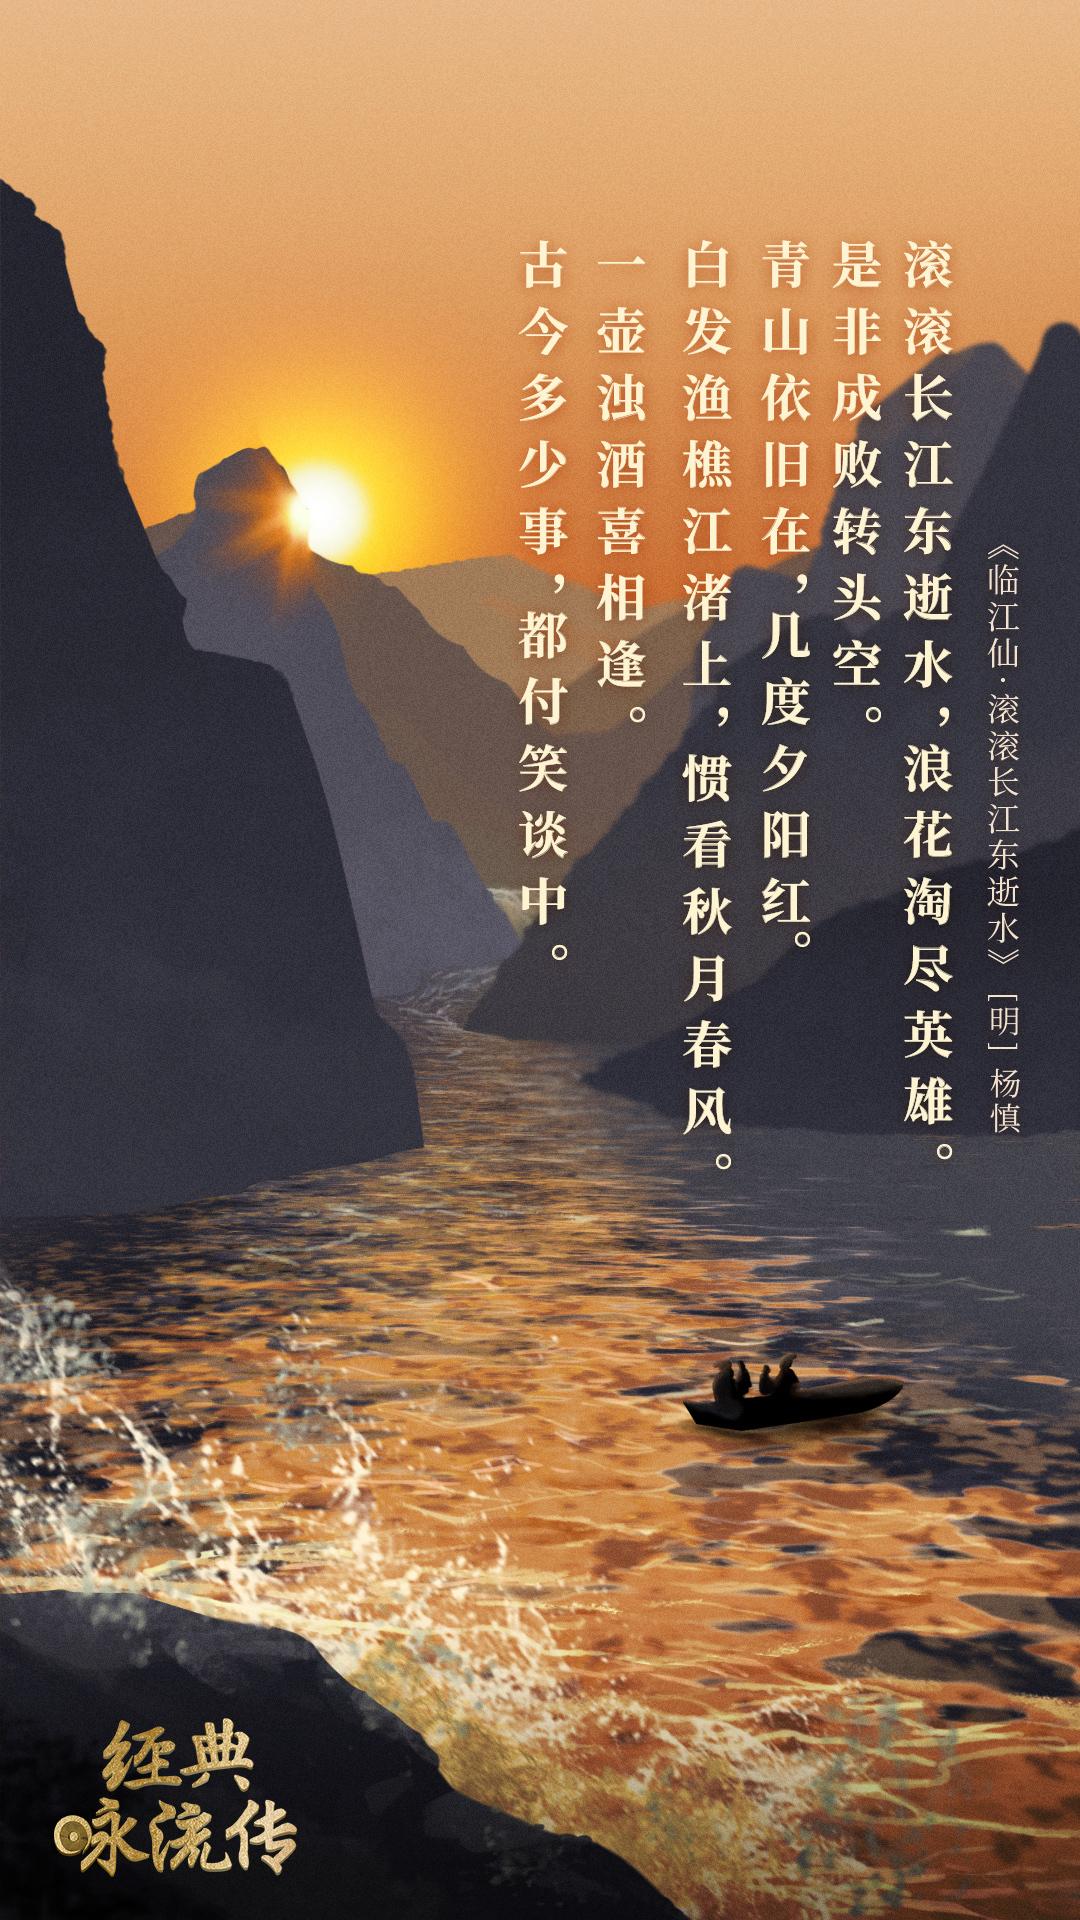 《经典咏流传》诗词意境海报合集 欣赏-第17张